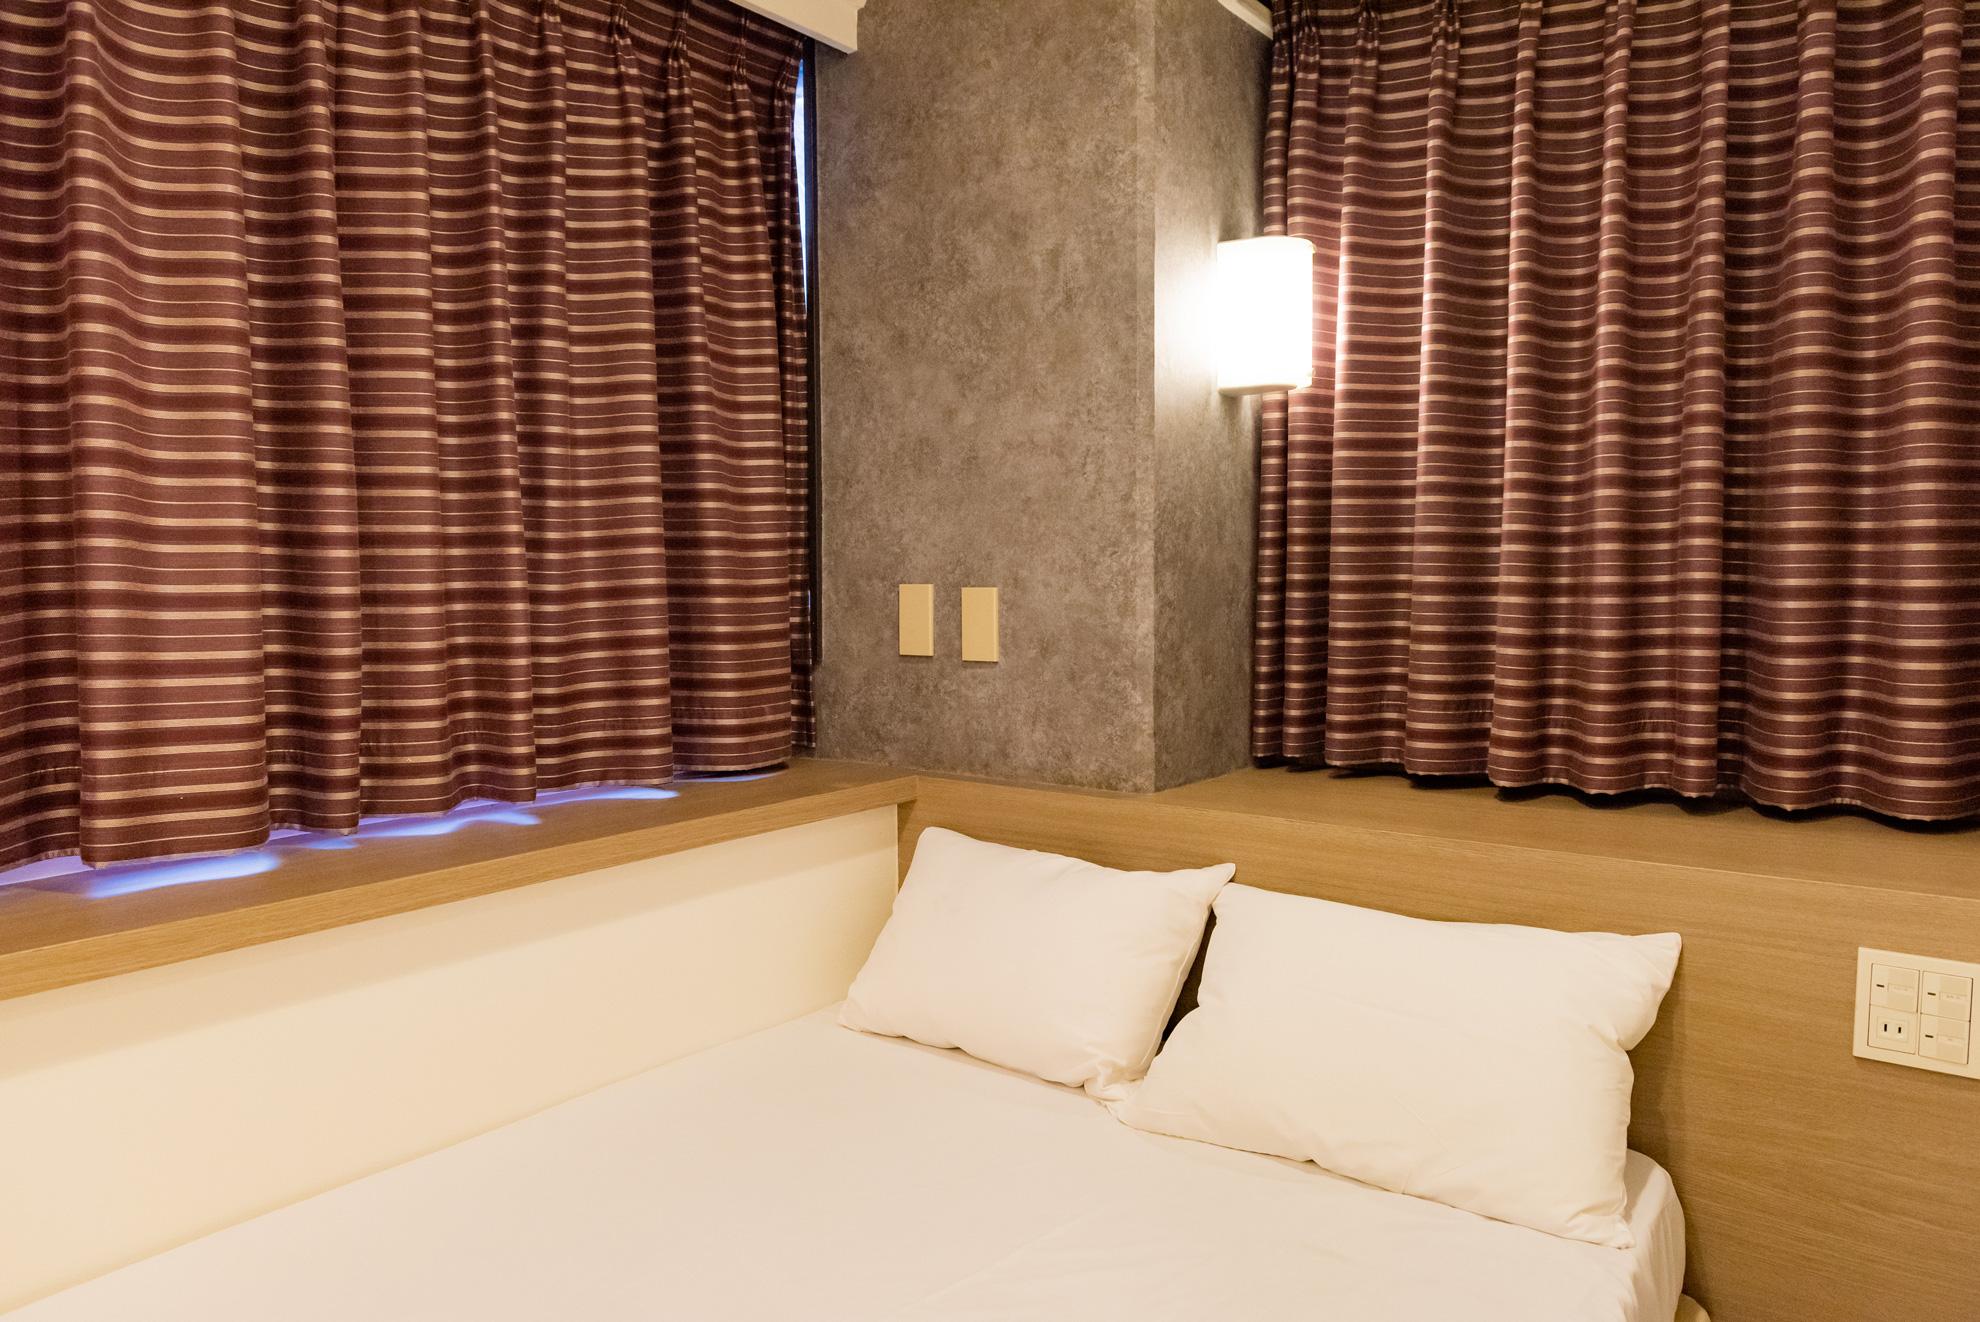 上野ホテルラブホテルエレガントのベッド